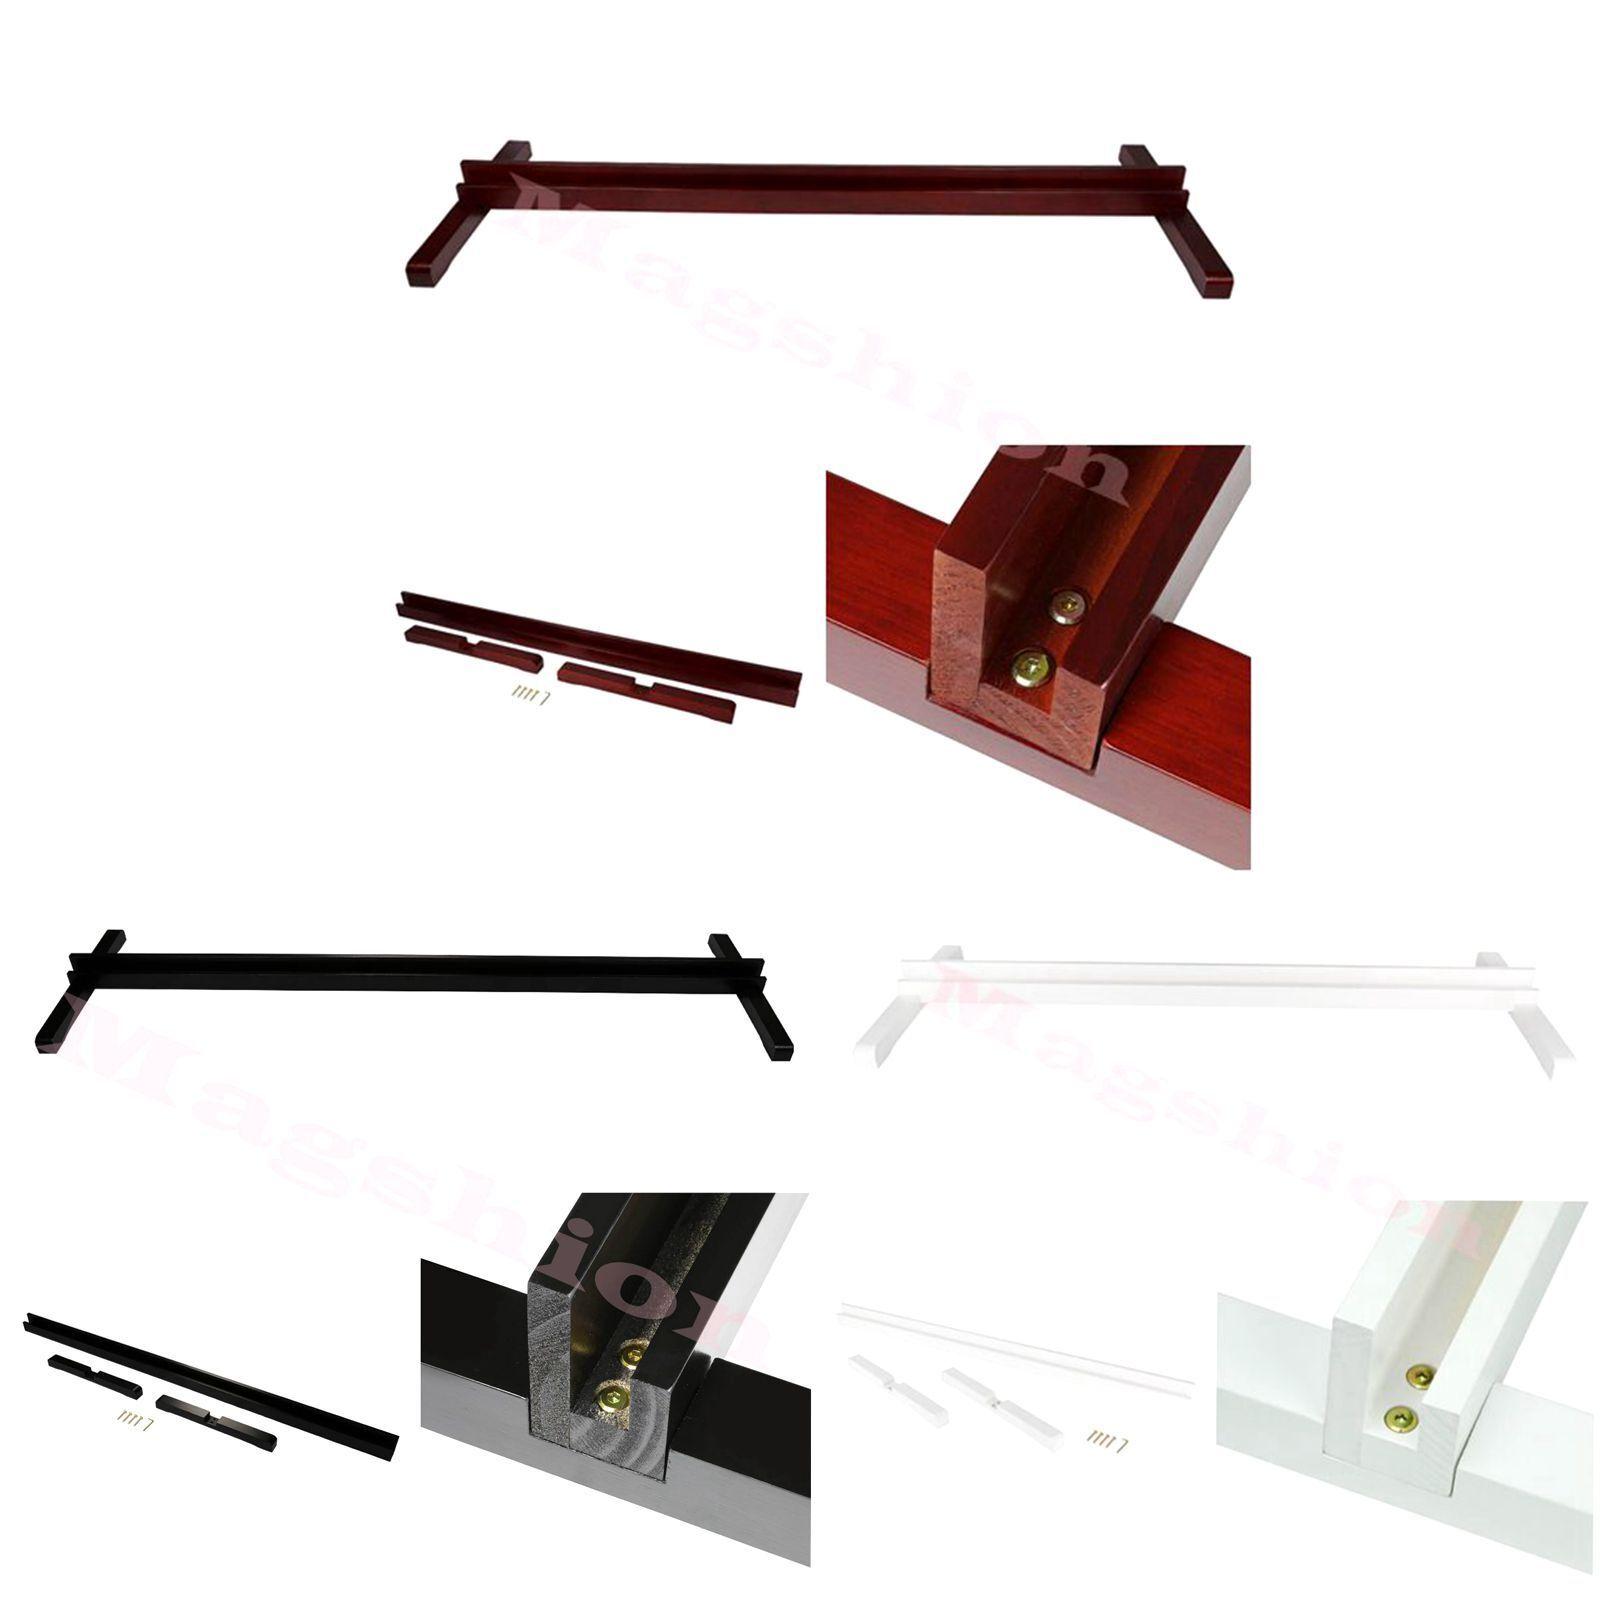 Shoji Room Divider standShoji Screens Holder Choose Panel Size eBay